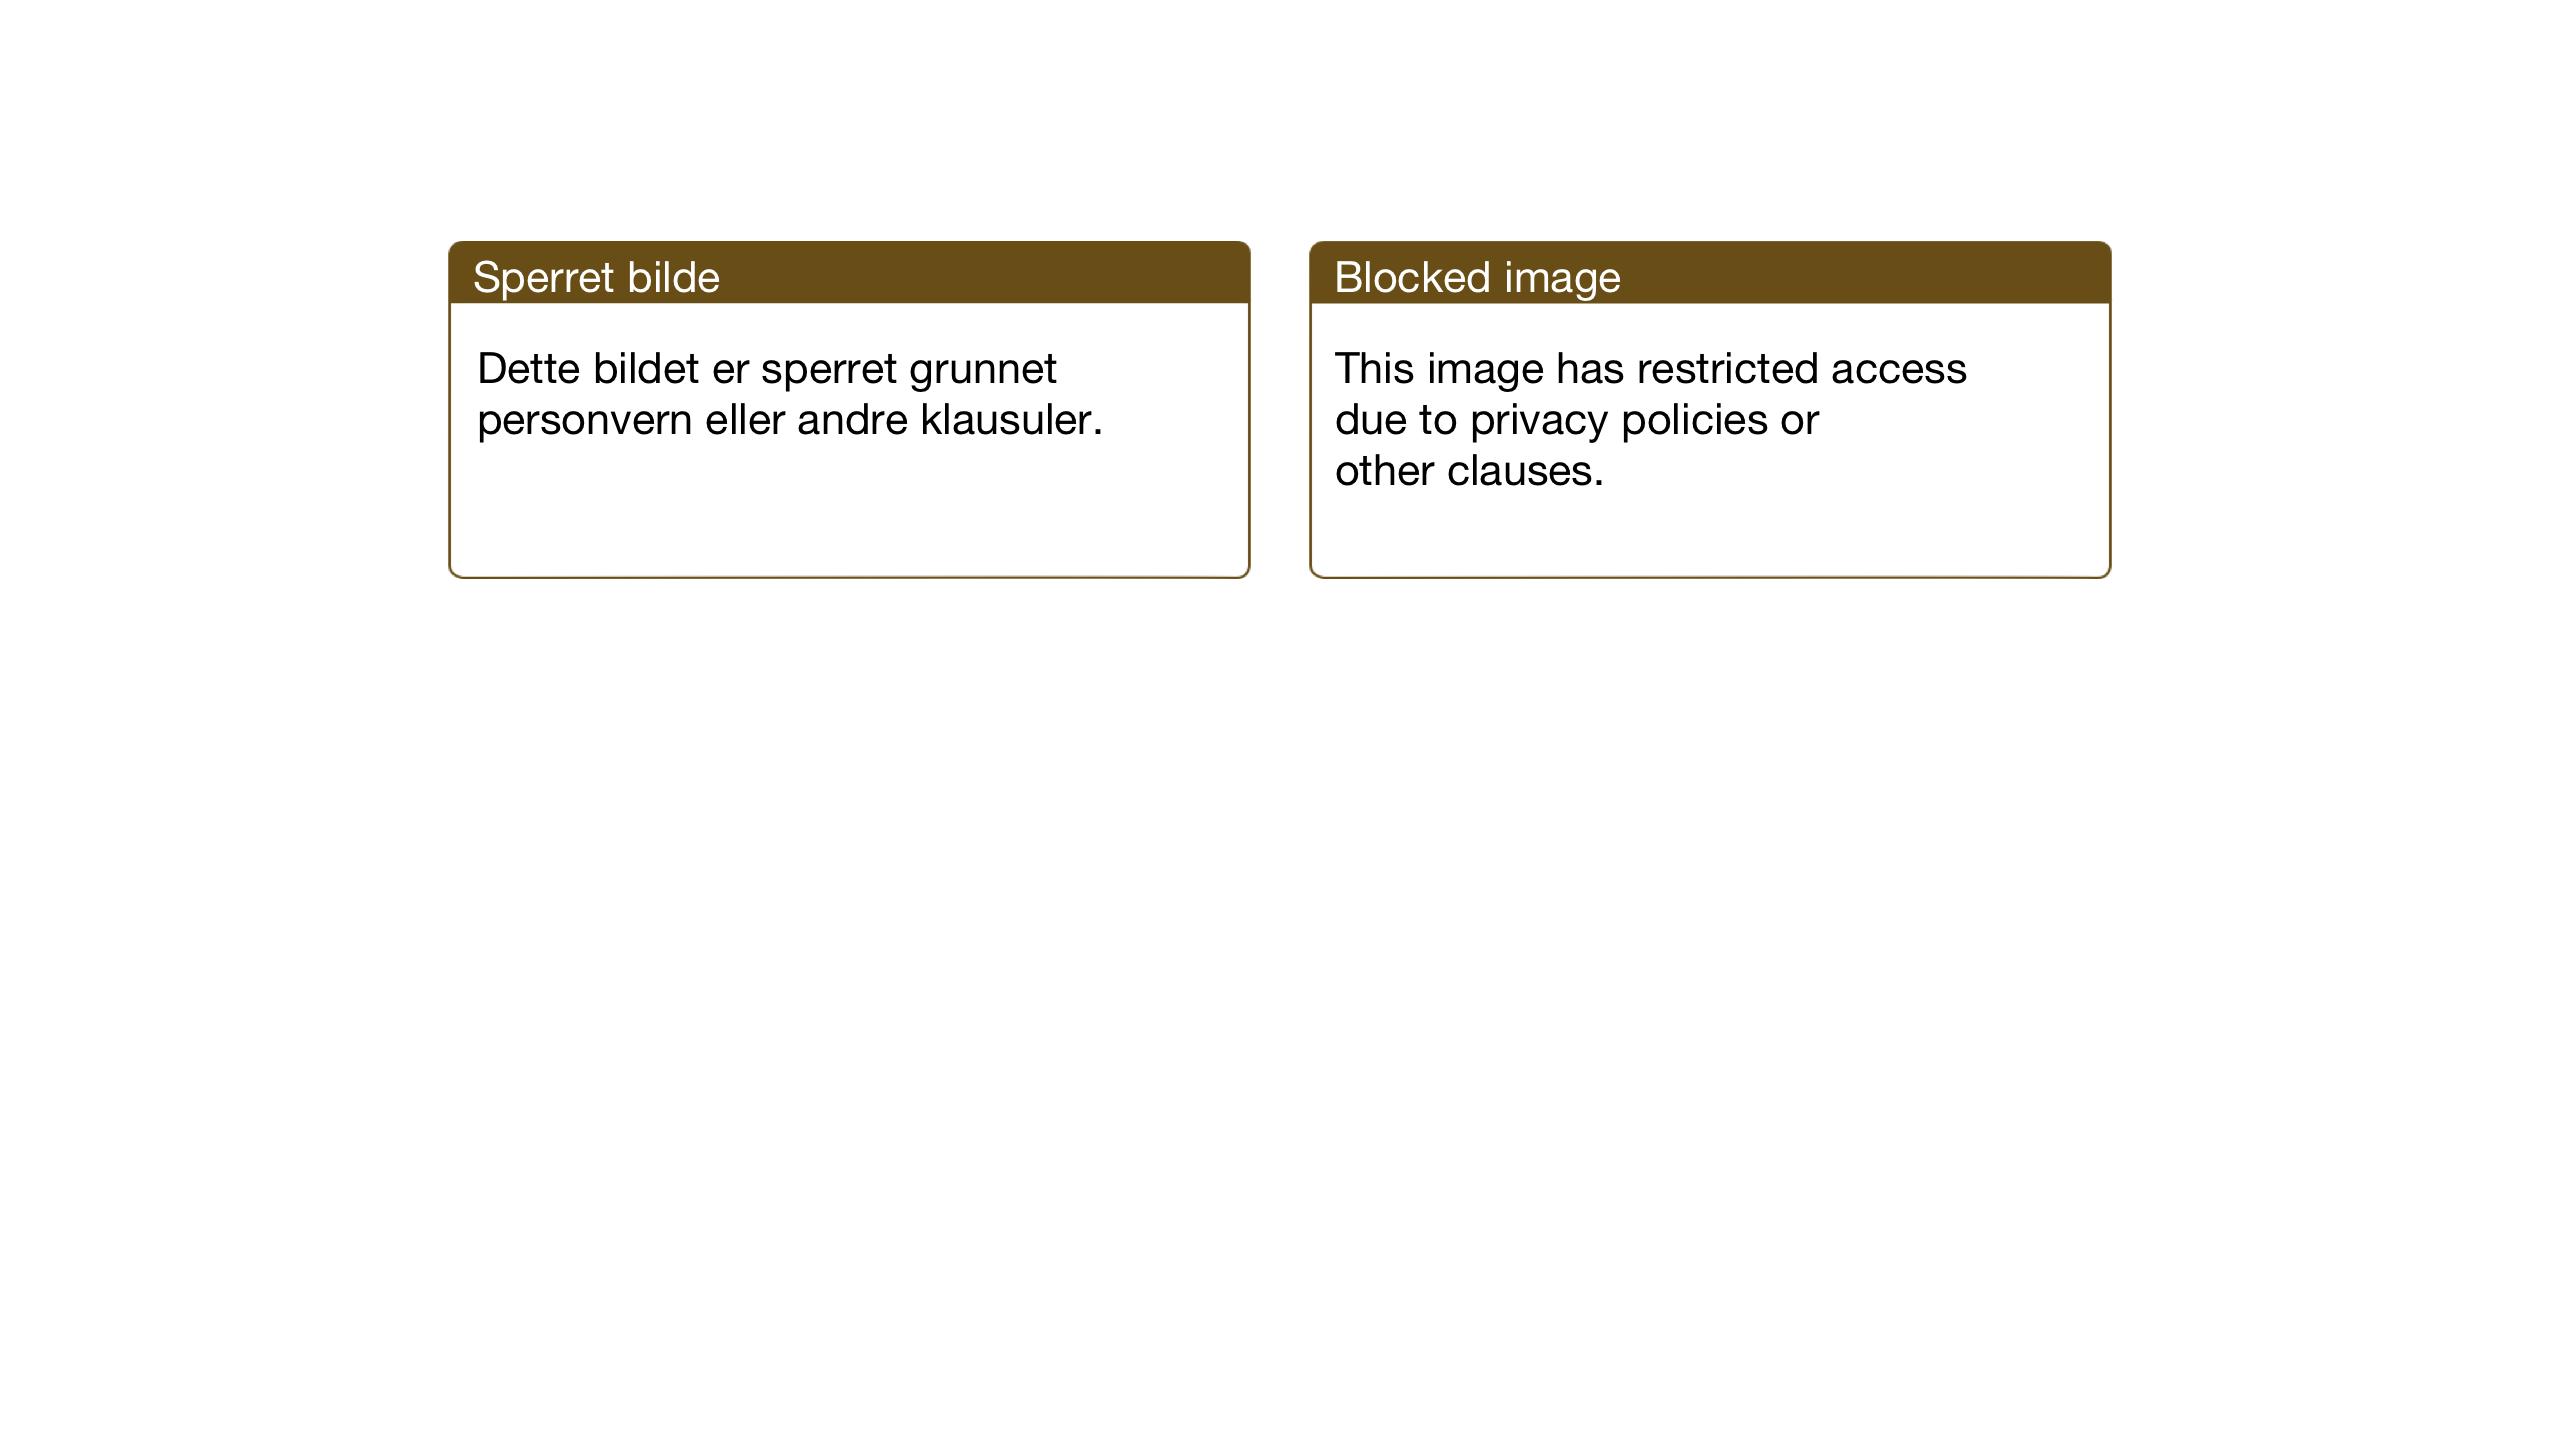 SAT, Ministerialprotokoller, klokkerbøker og fødselsregistre - Nord-Trøndelag, 755/L0500: Klokkerbok nr. 755C01, 1920-1962, s. 94